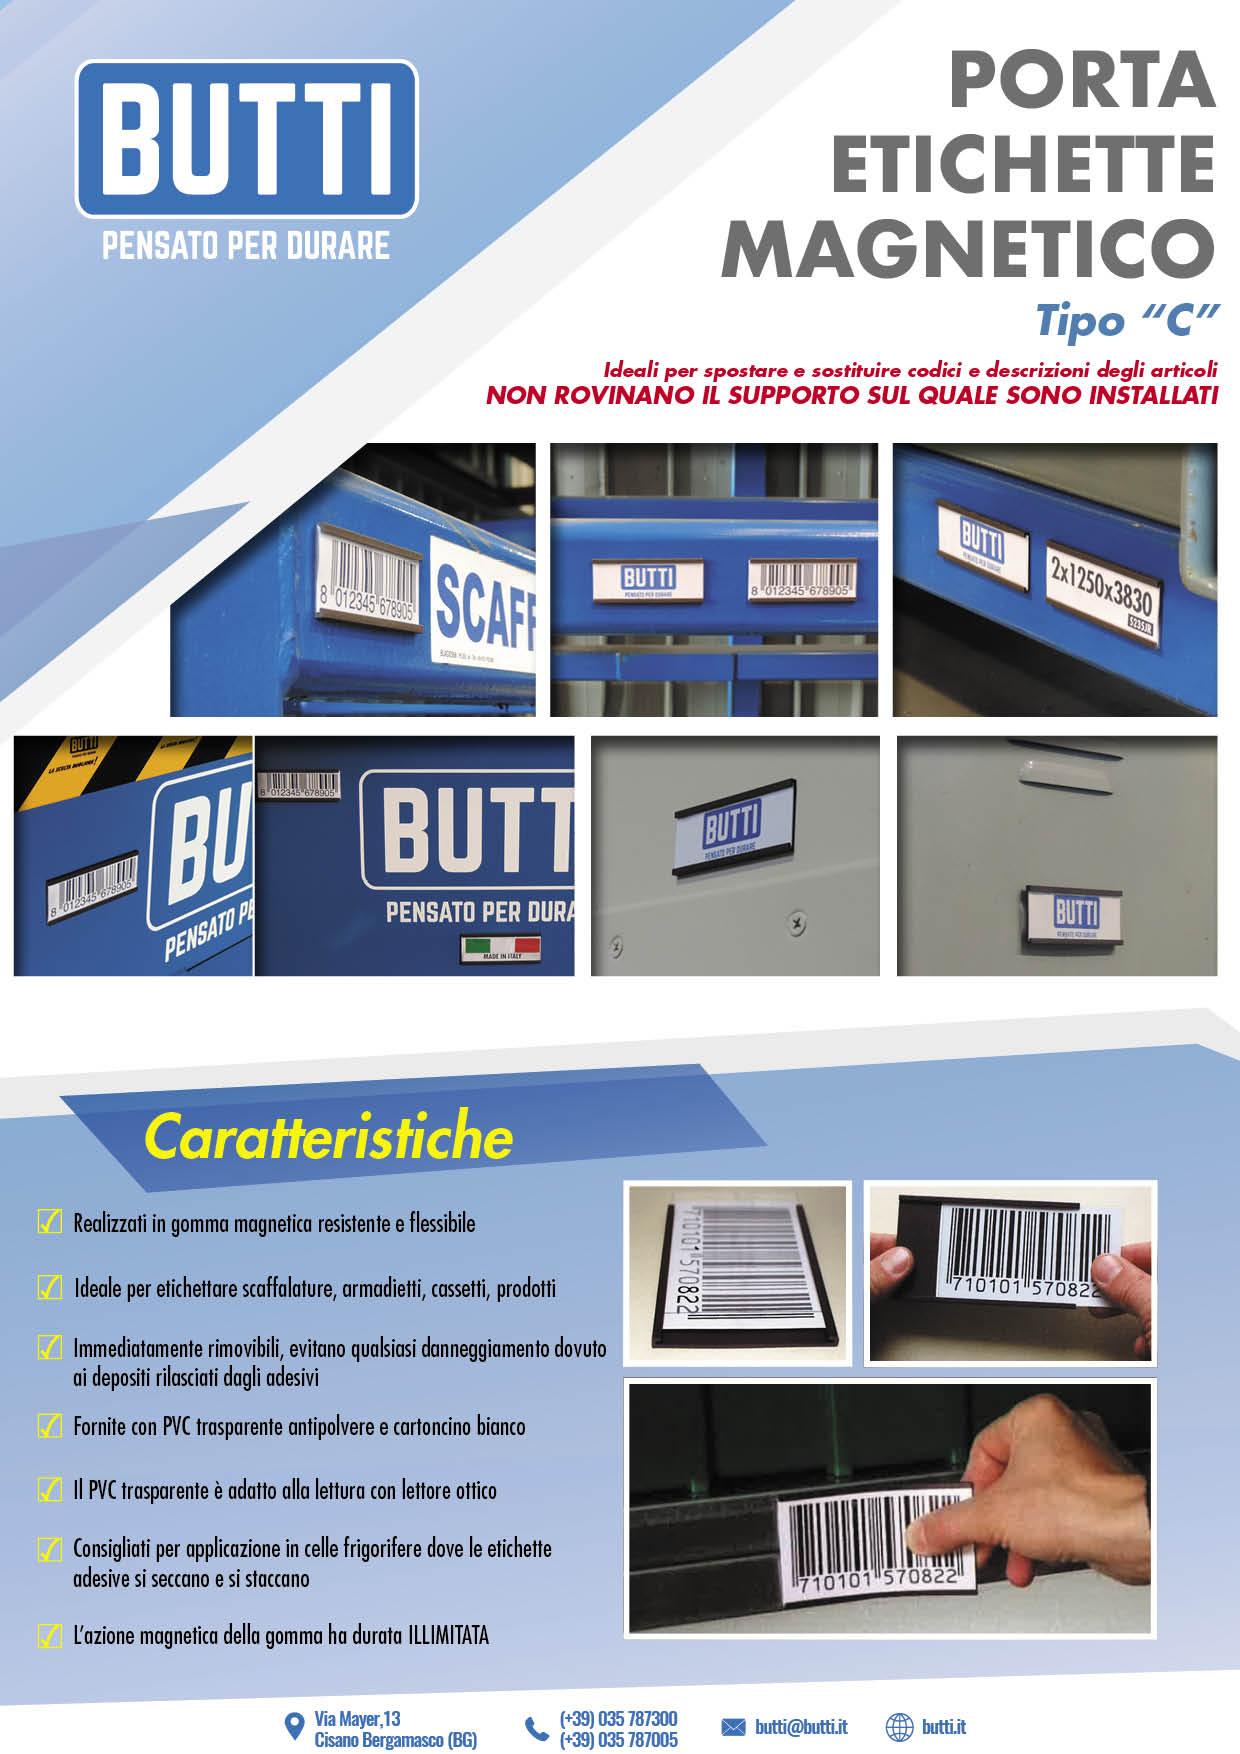 Porta etichette magnetici